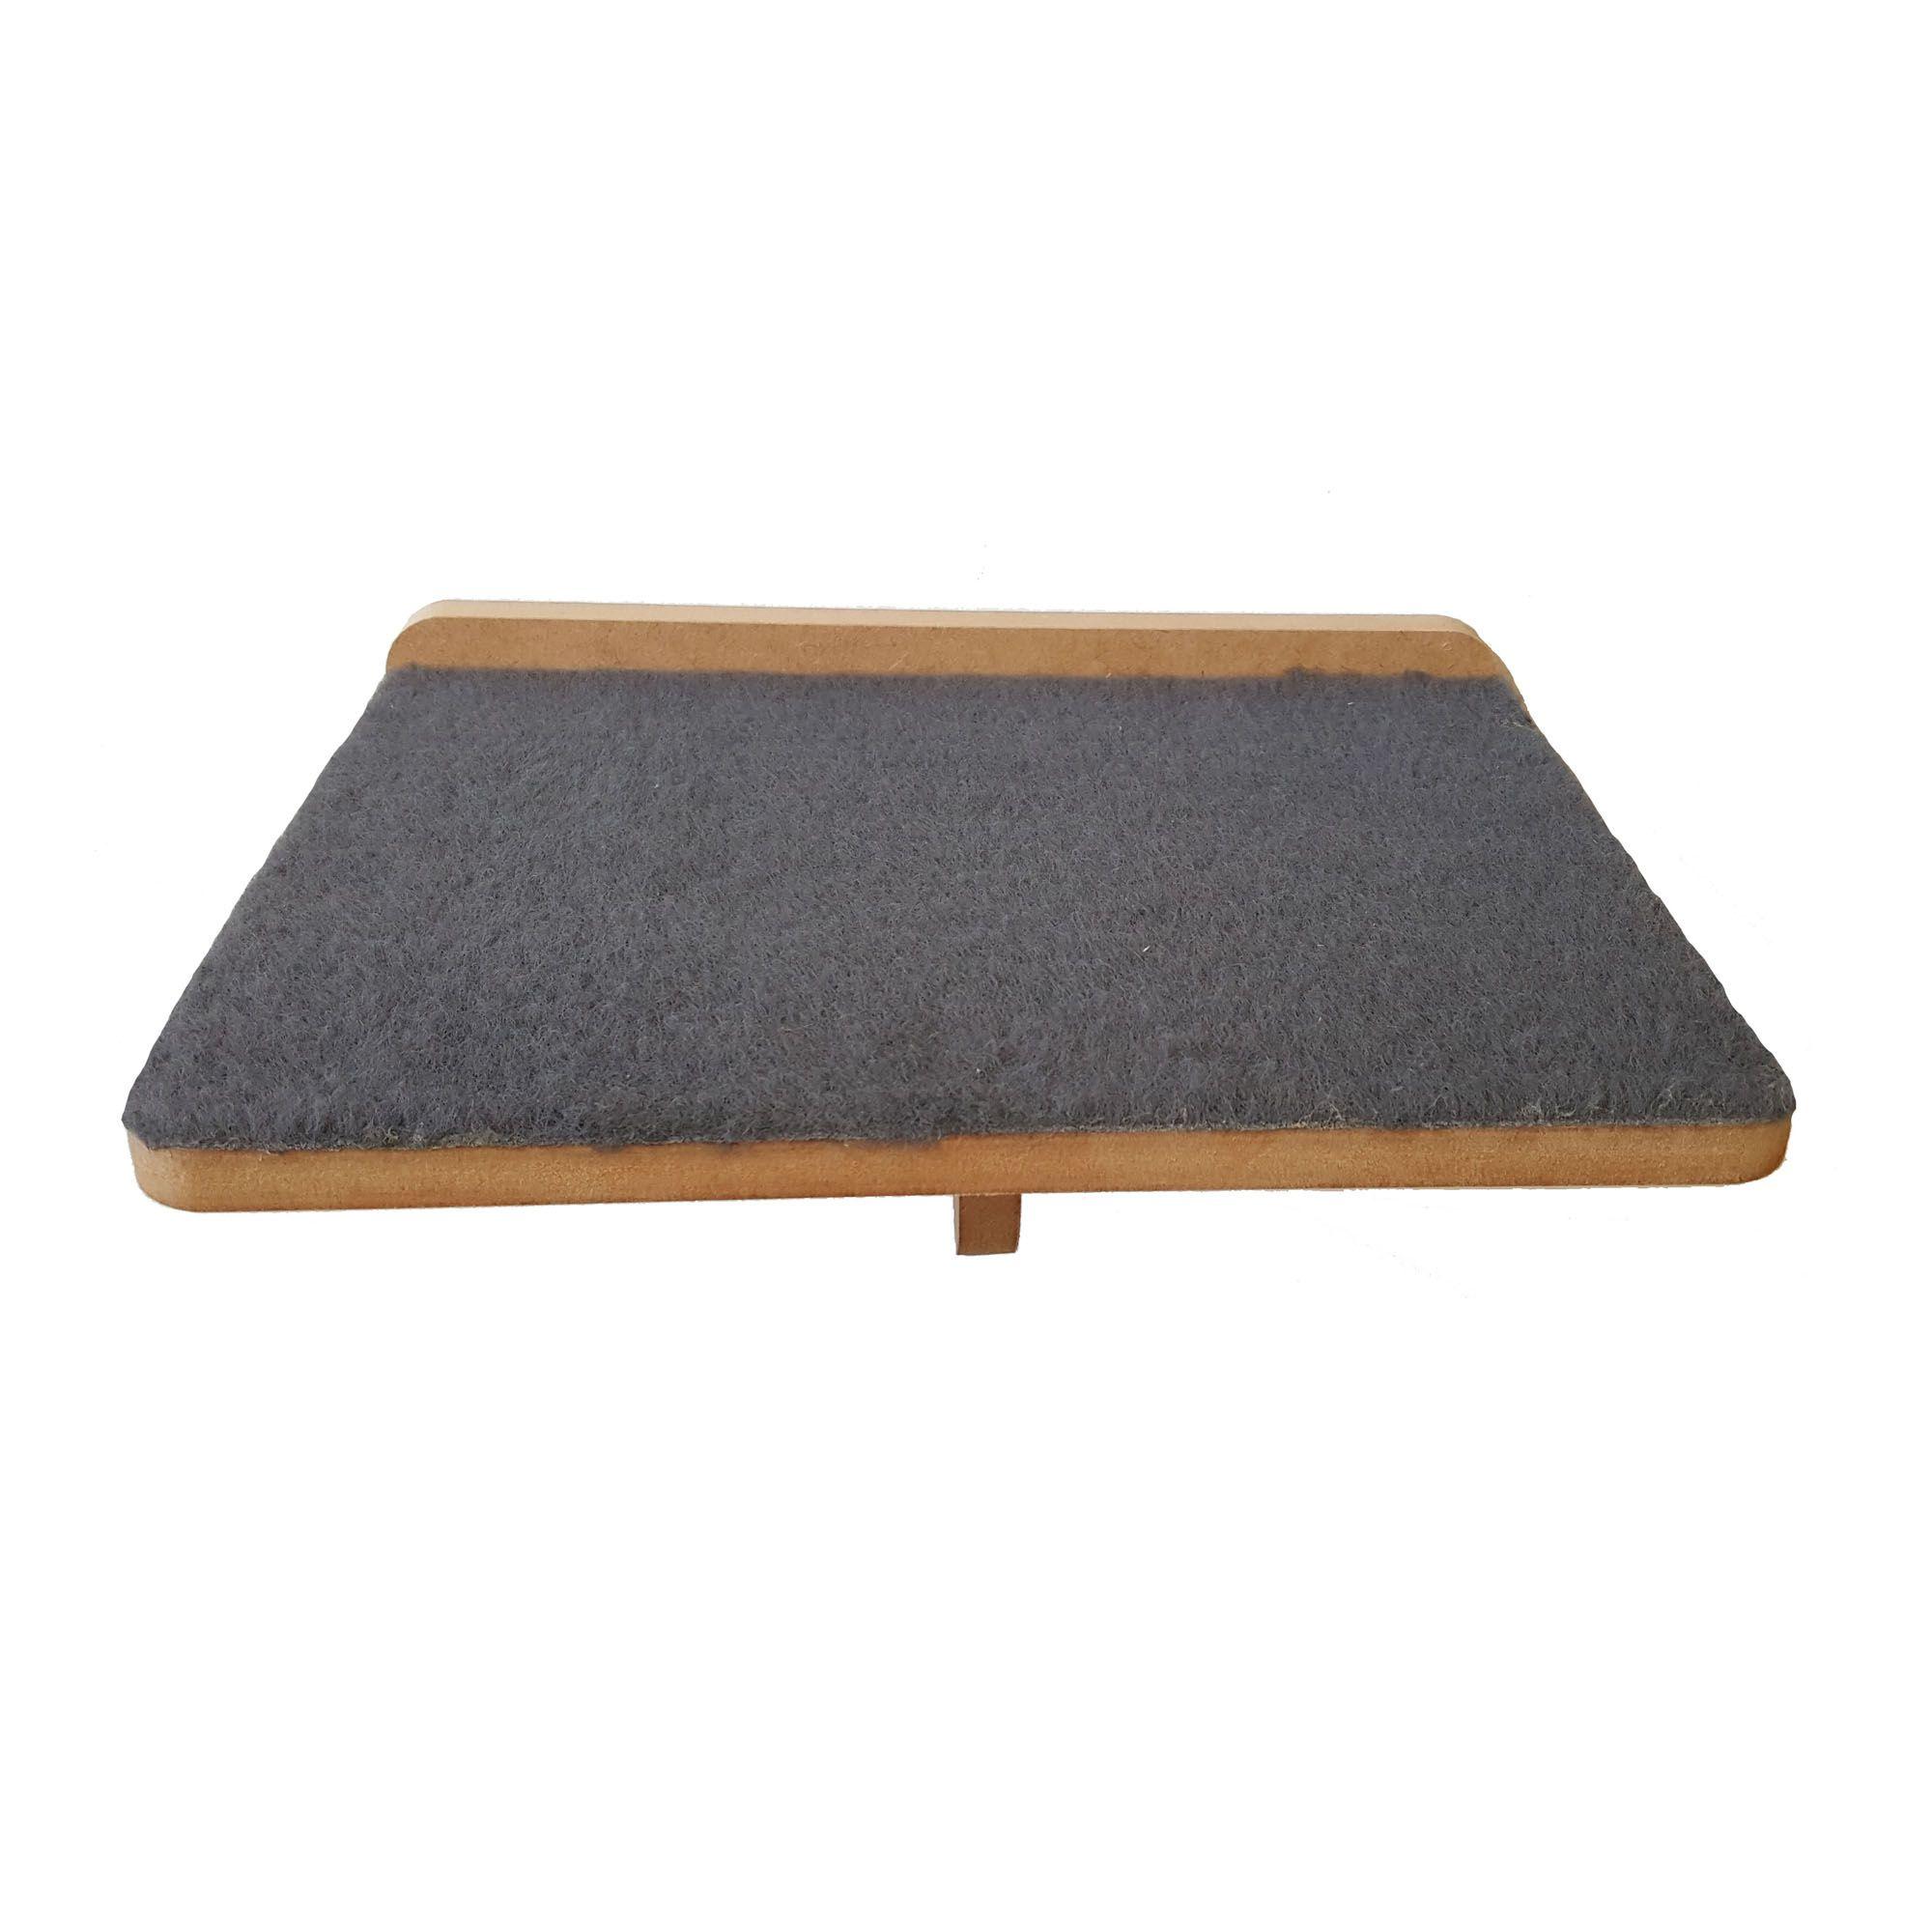 Kit com 2 Prateleiras Arranhador em Carpete -  Gato Pet Mdf 15mm